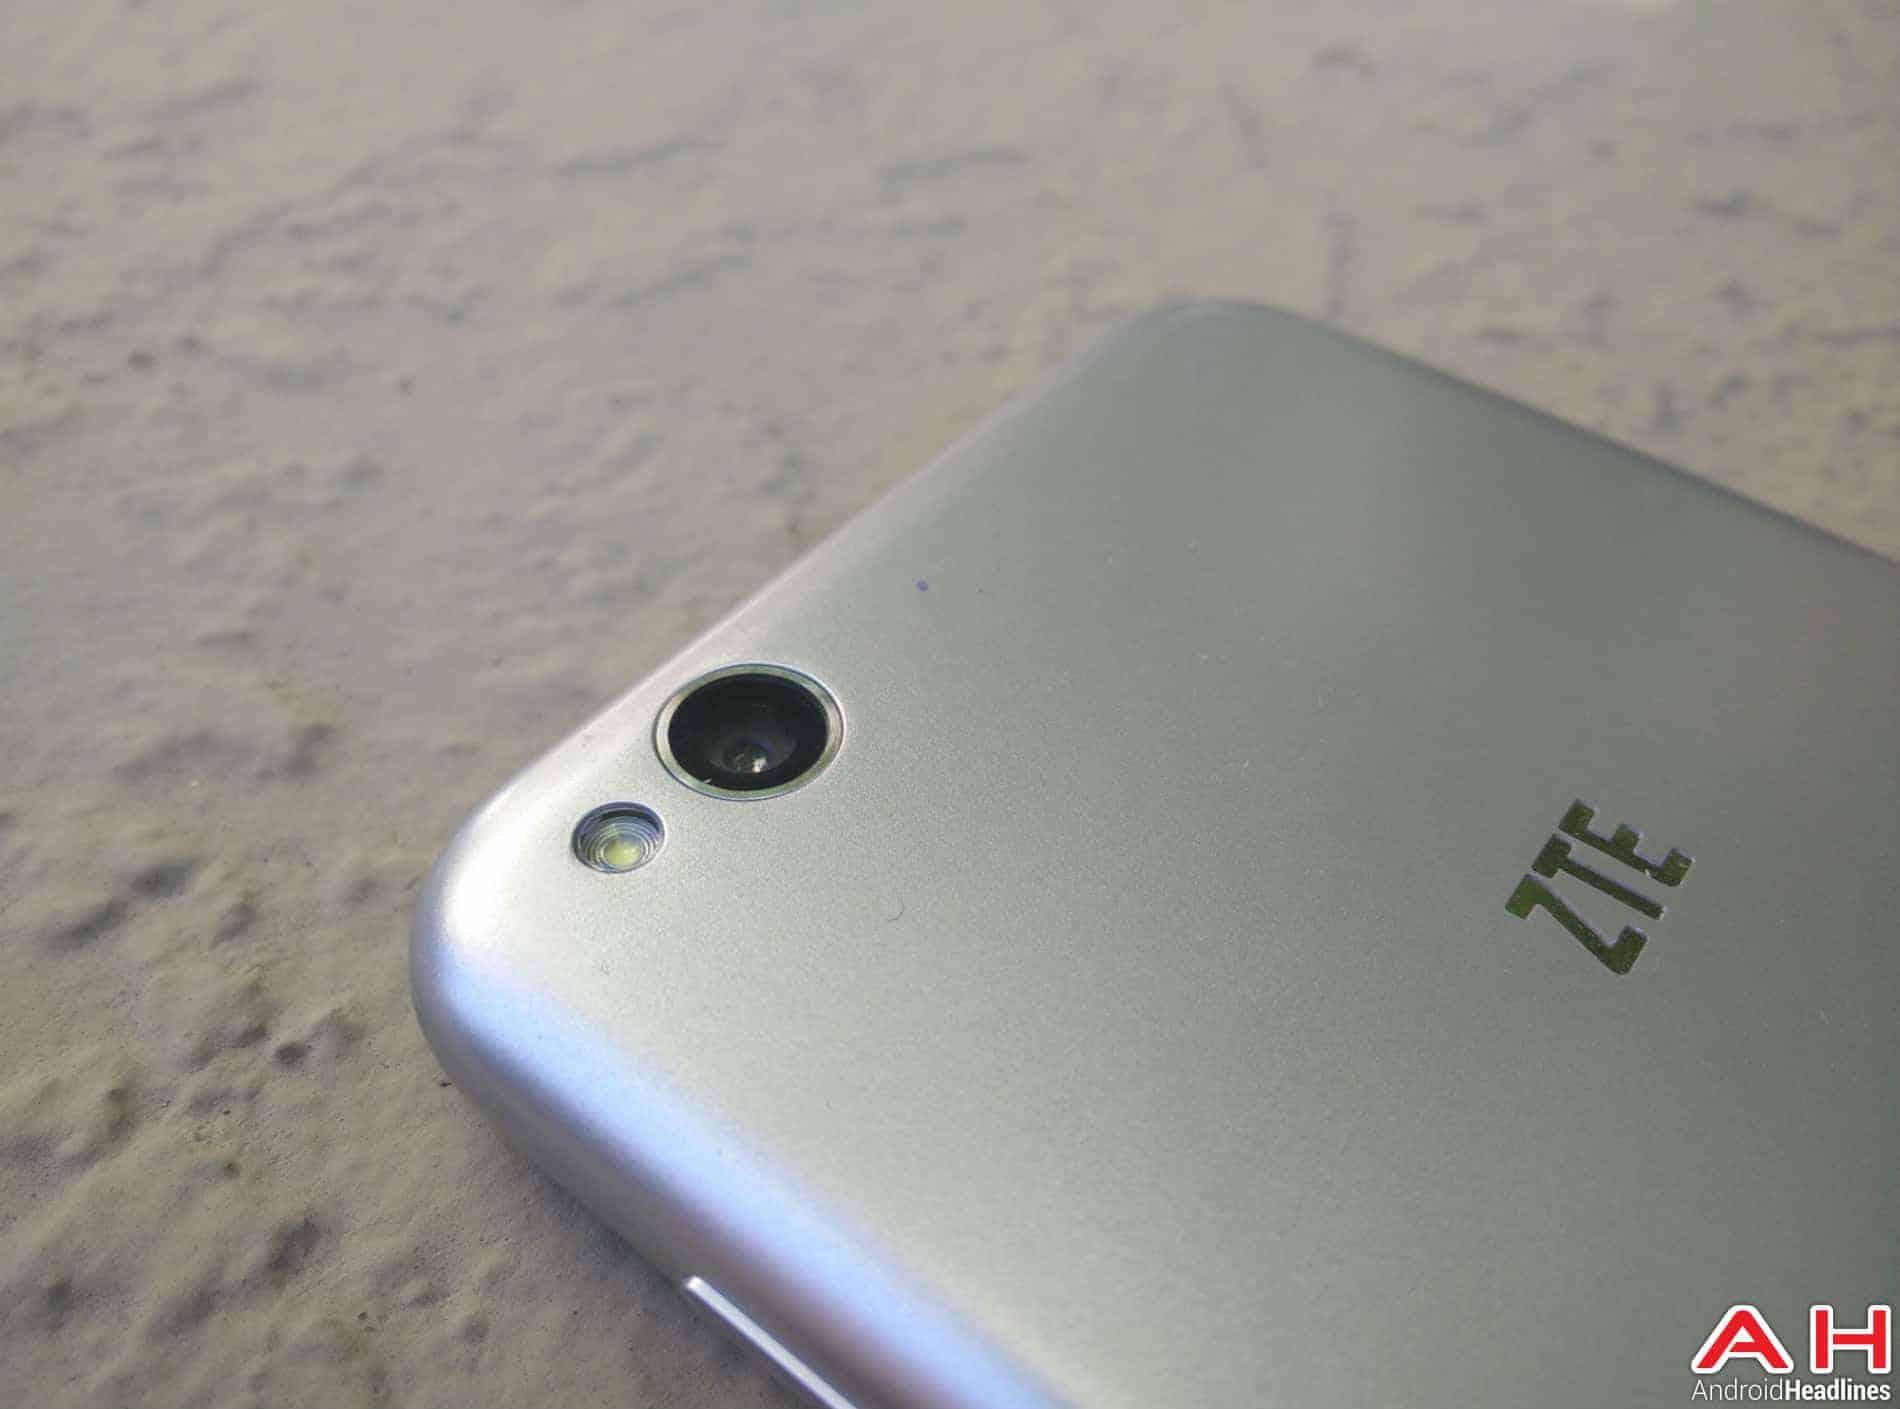 ZTE Blade 6 AH Camera